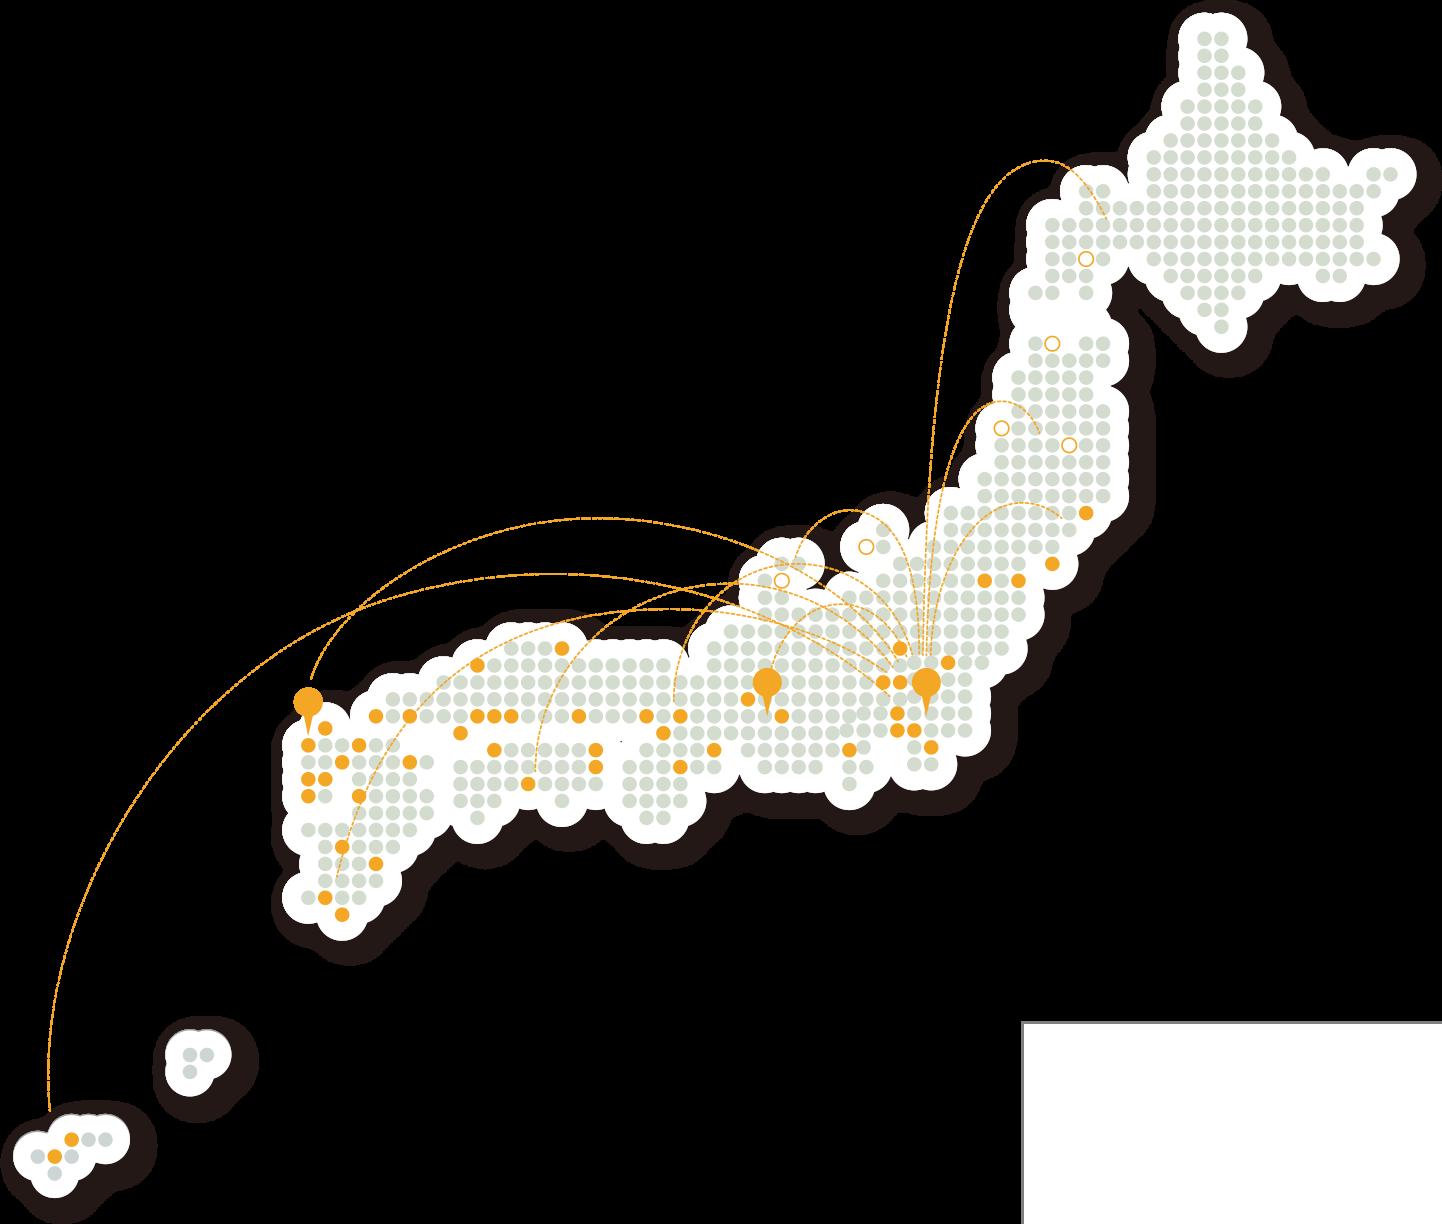 全国に広がる看板施工ネットワーク